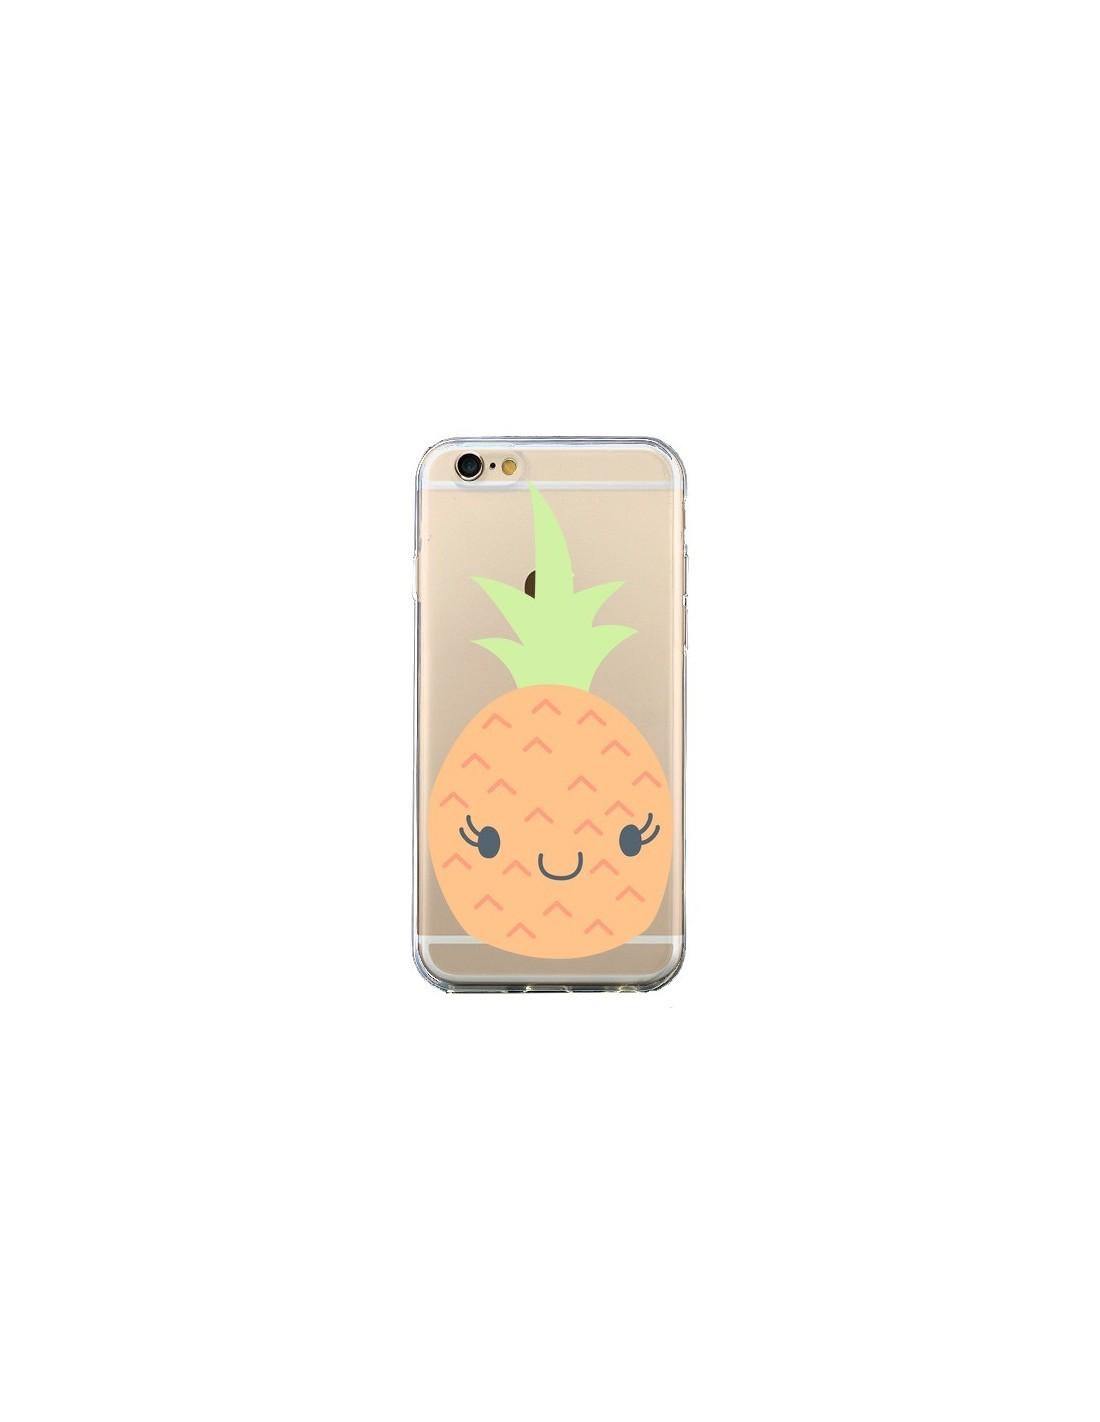 Coque iPhone 6 et 6S Ananas Pineapple Fruit Transparente - Claudia Ramos